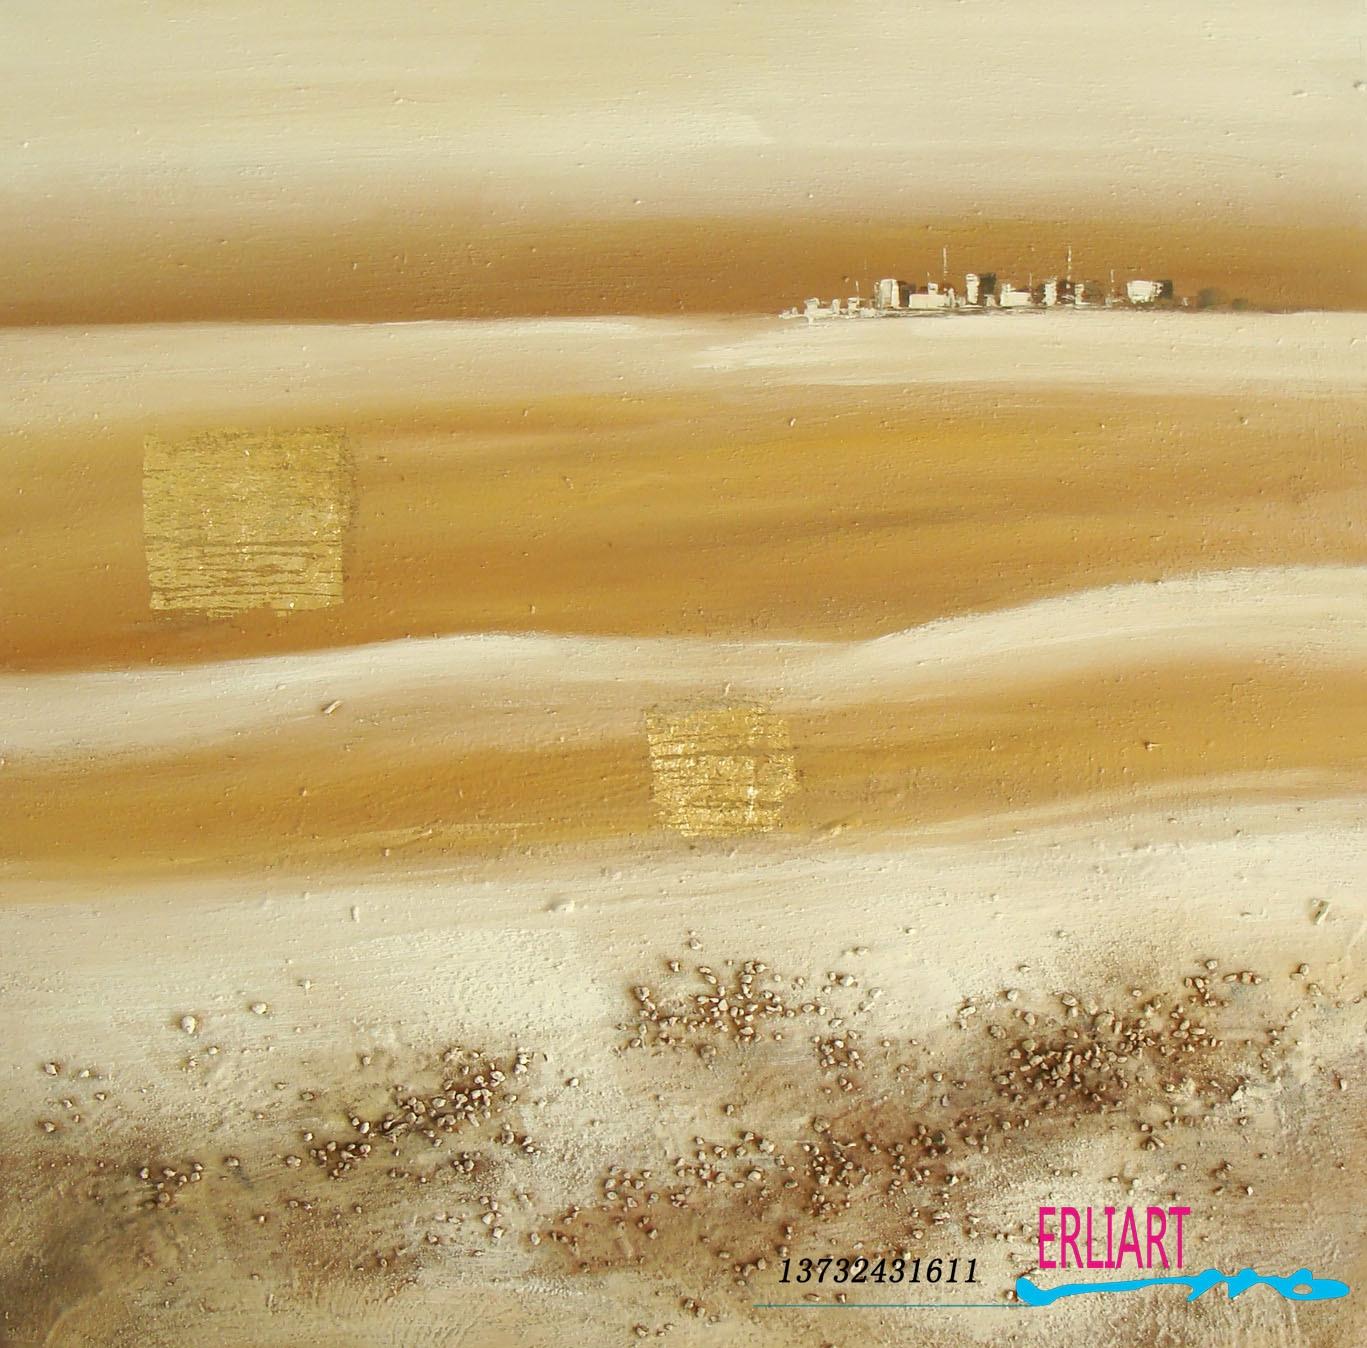 纯手绘沙漠风景抽象油画 客厅装饰画现代